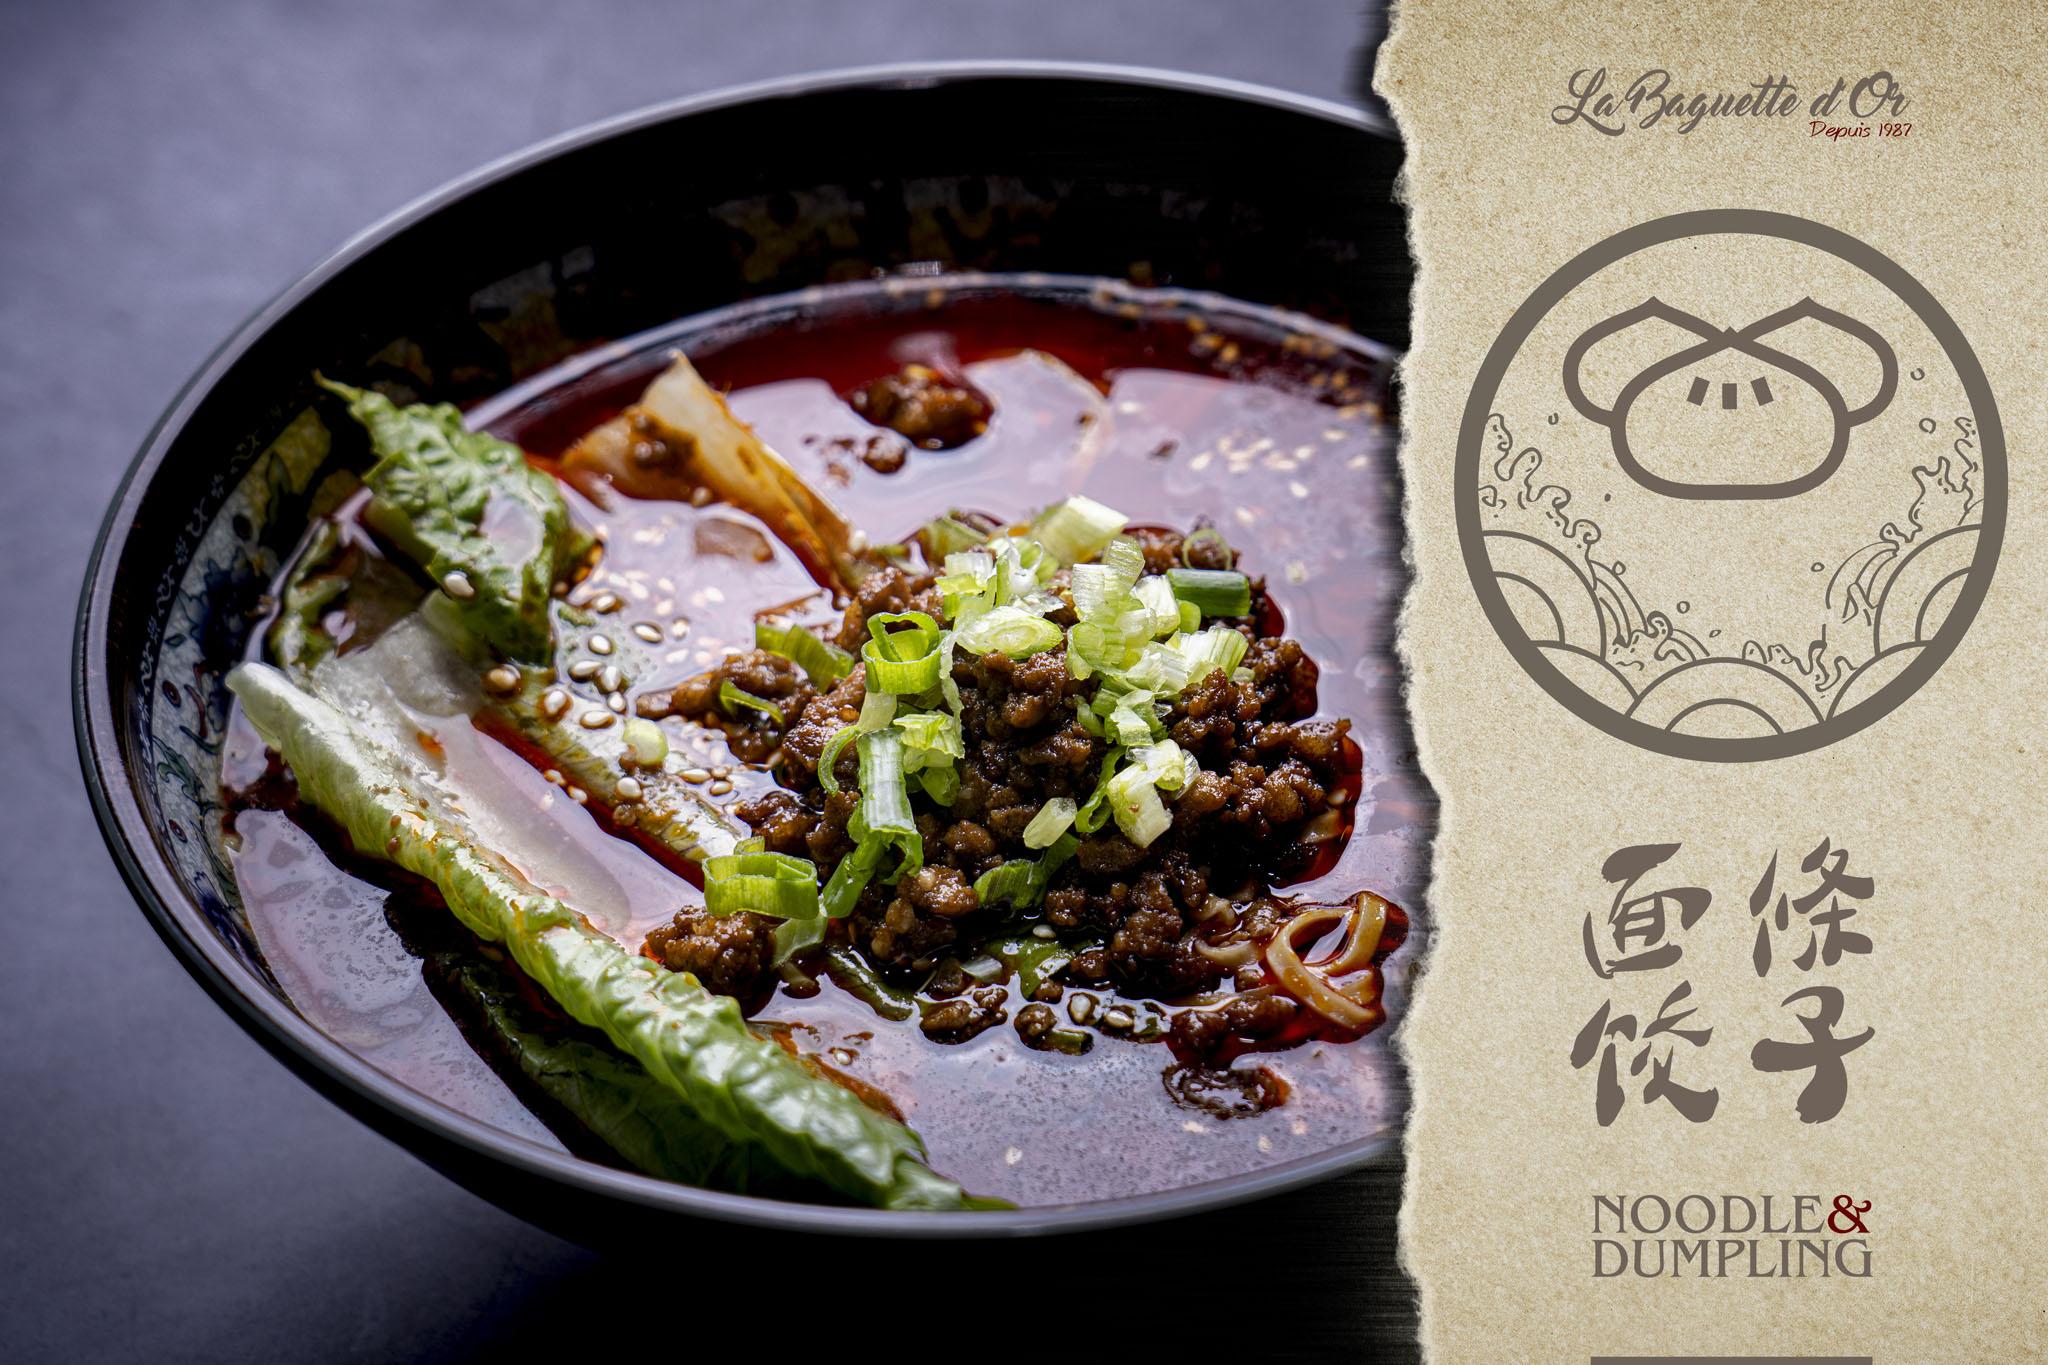 重庆小面   Nouille de Chong Qin sauce piment porc haché